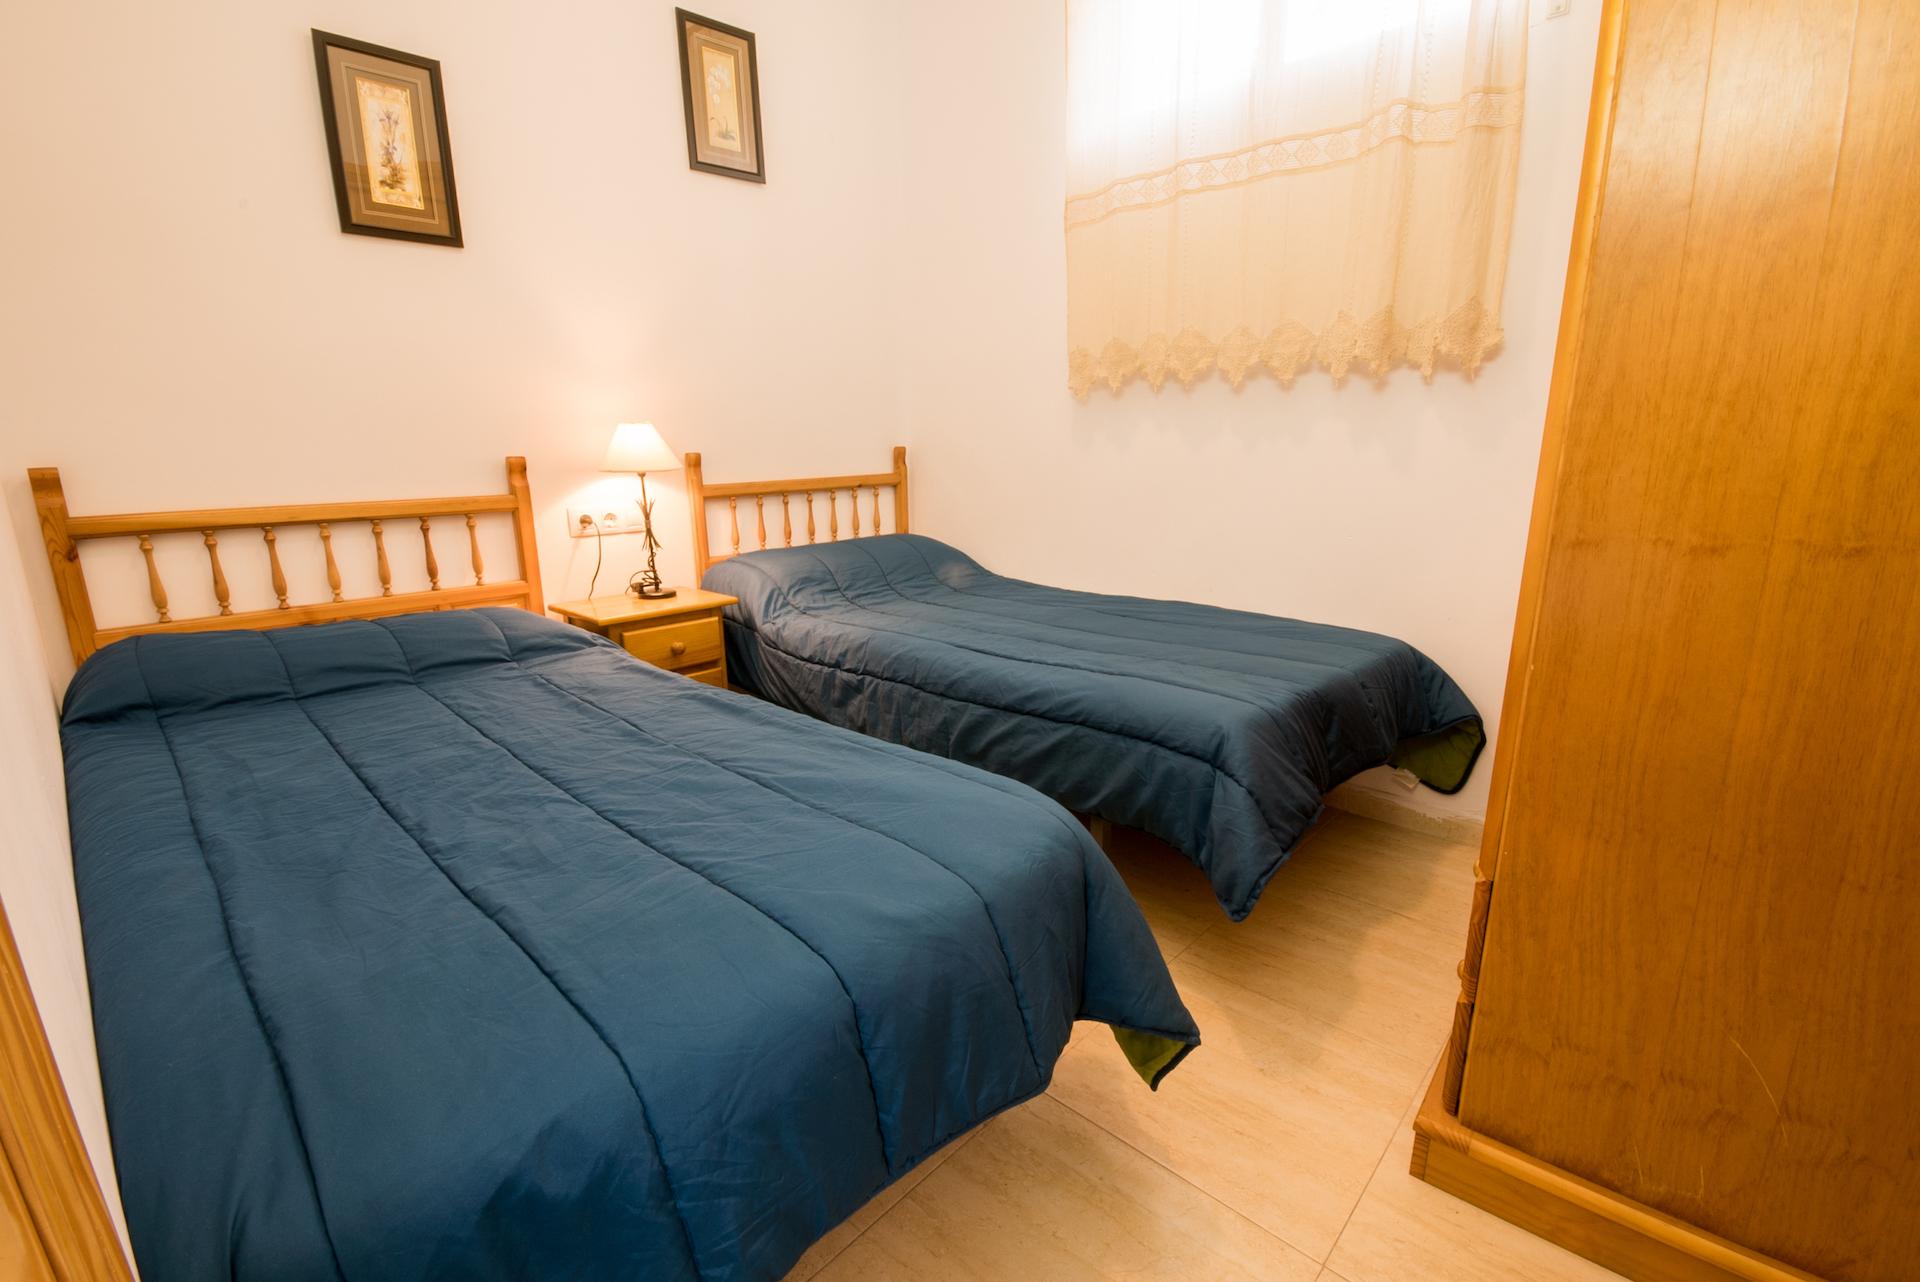 Apartamento Benafer Planta Baja - Habitación Doble Twin